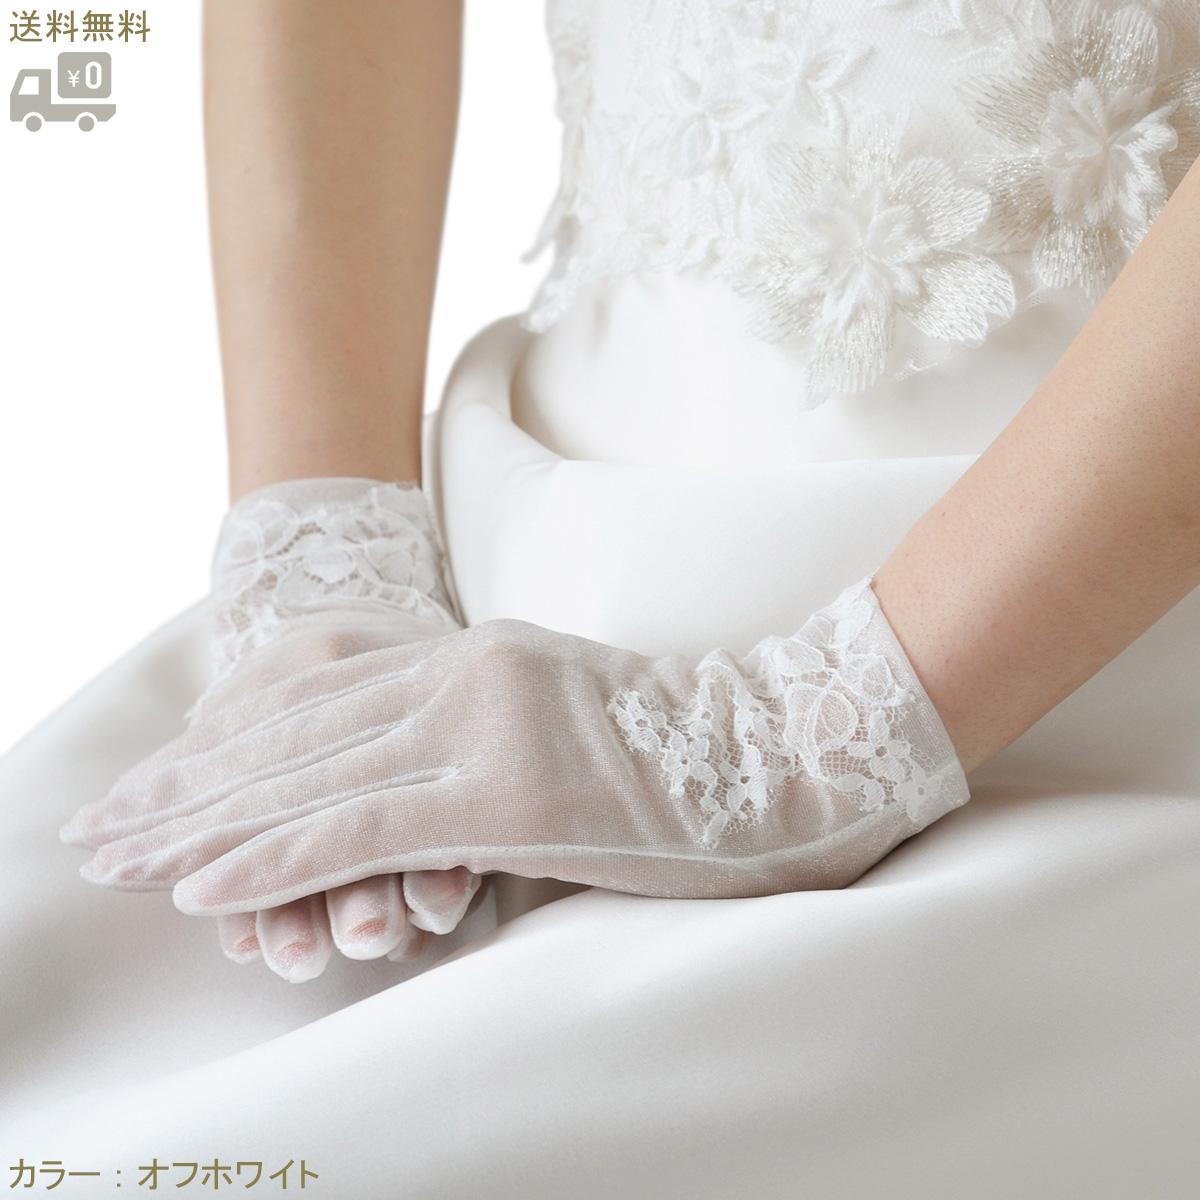 日本製 日本 ウエディンググローブ ウェディンググローブ グローブ 結婚式 ブライダル 2次会 パーティー ウェディングドレス ウエディングドレス 格安 価格でご提供いたします ウェディング 花嫁 リバーレース ショート オーガンジー ウエディング レース付きグローブ 手袋 送料無料 G87